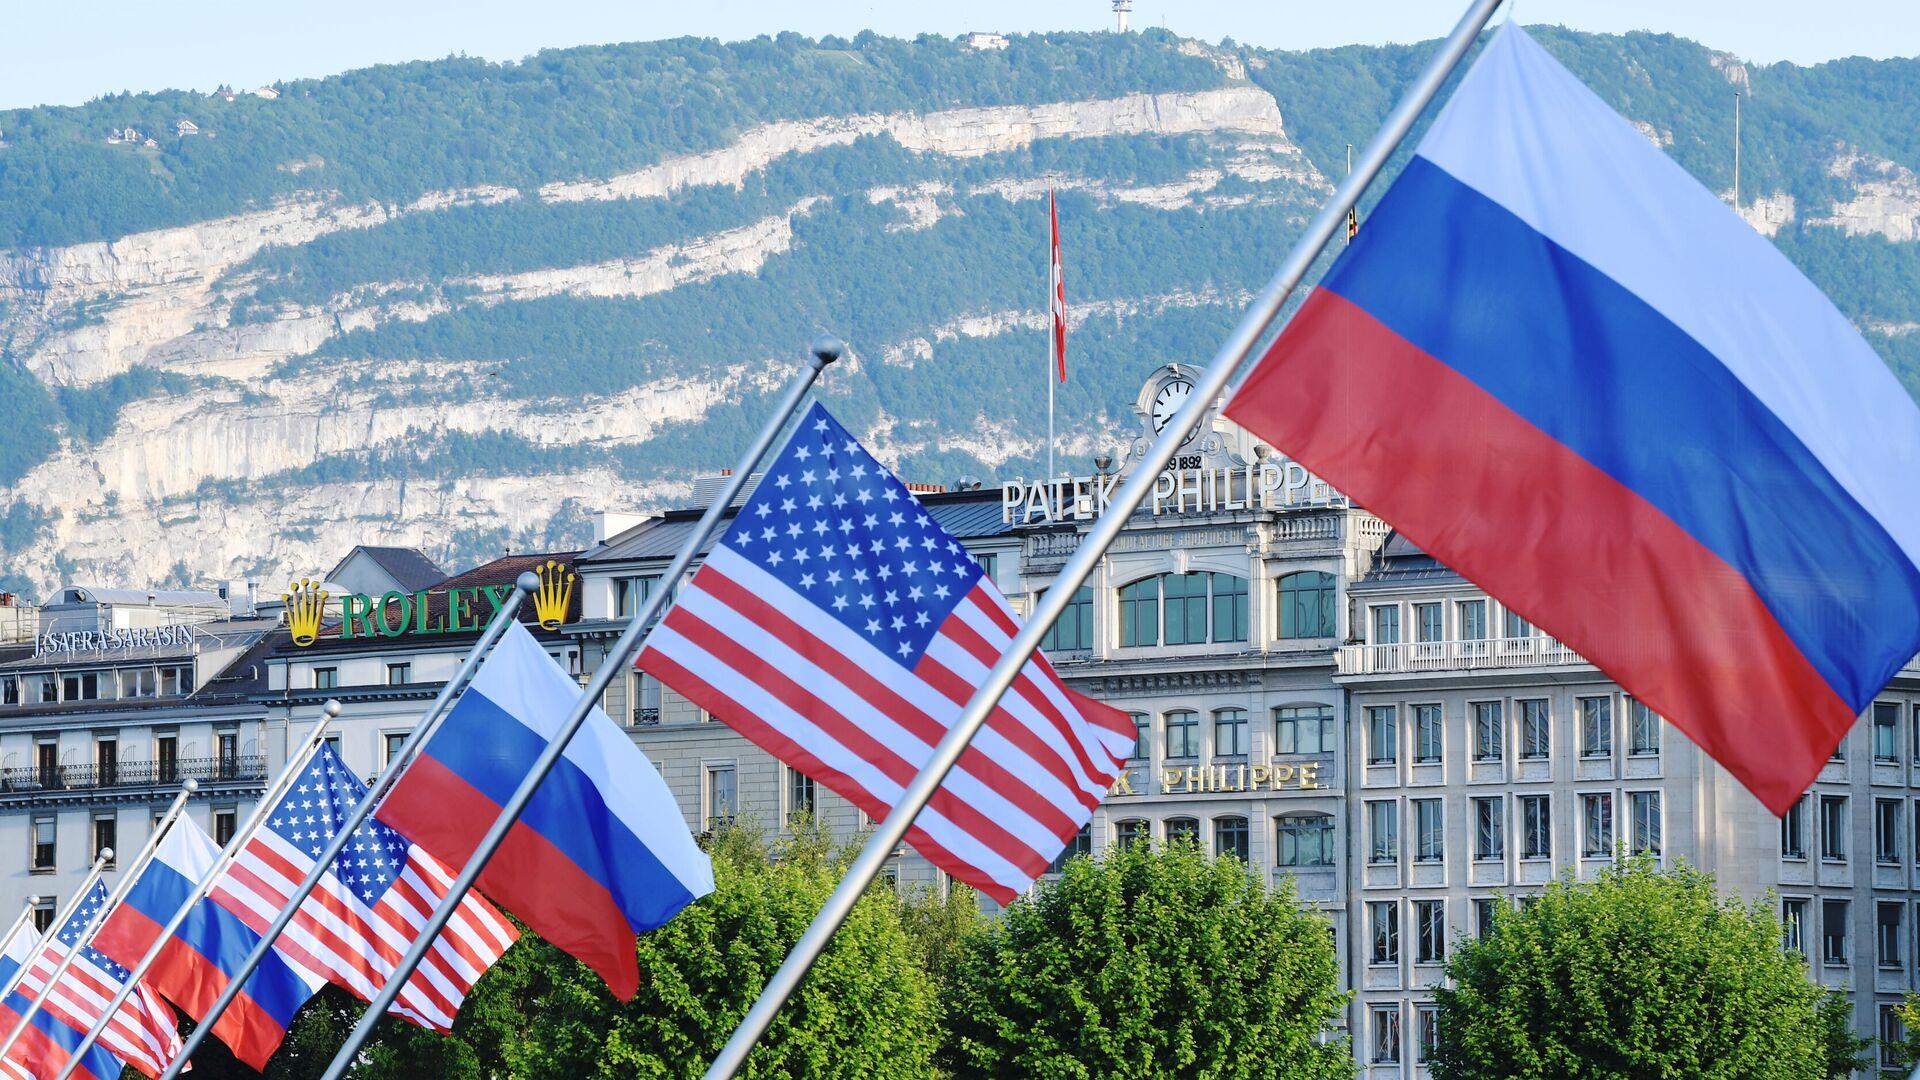 Флаги России и США на мосту Монблан в Женеве, вывешенные в преддверии саммита президента России Владимира Путина и президента США Джо Байдена - РИА Новости, 1920, 24.06.2021